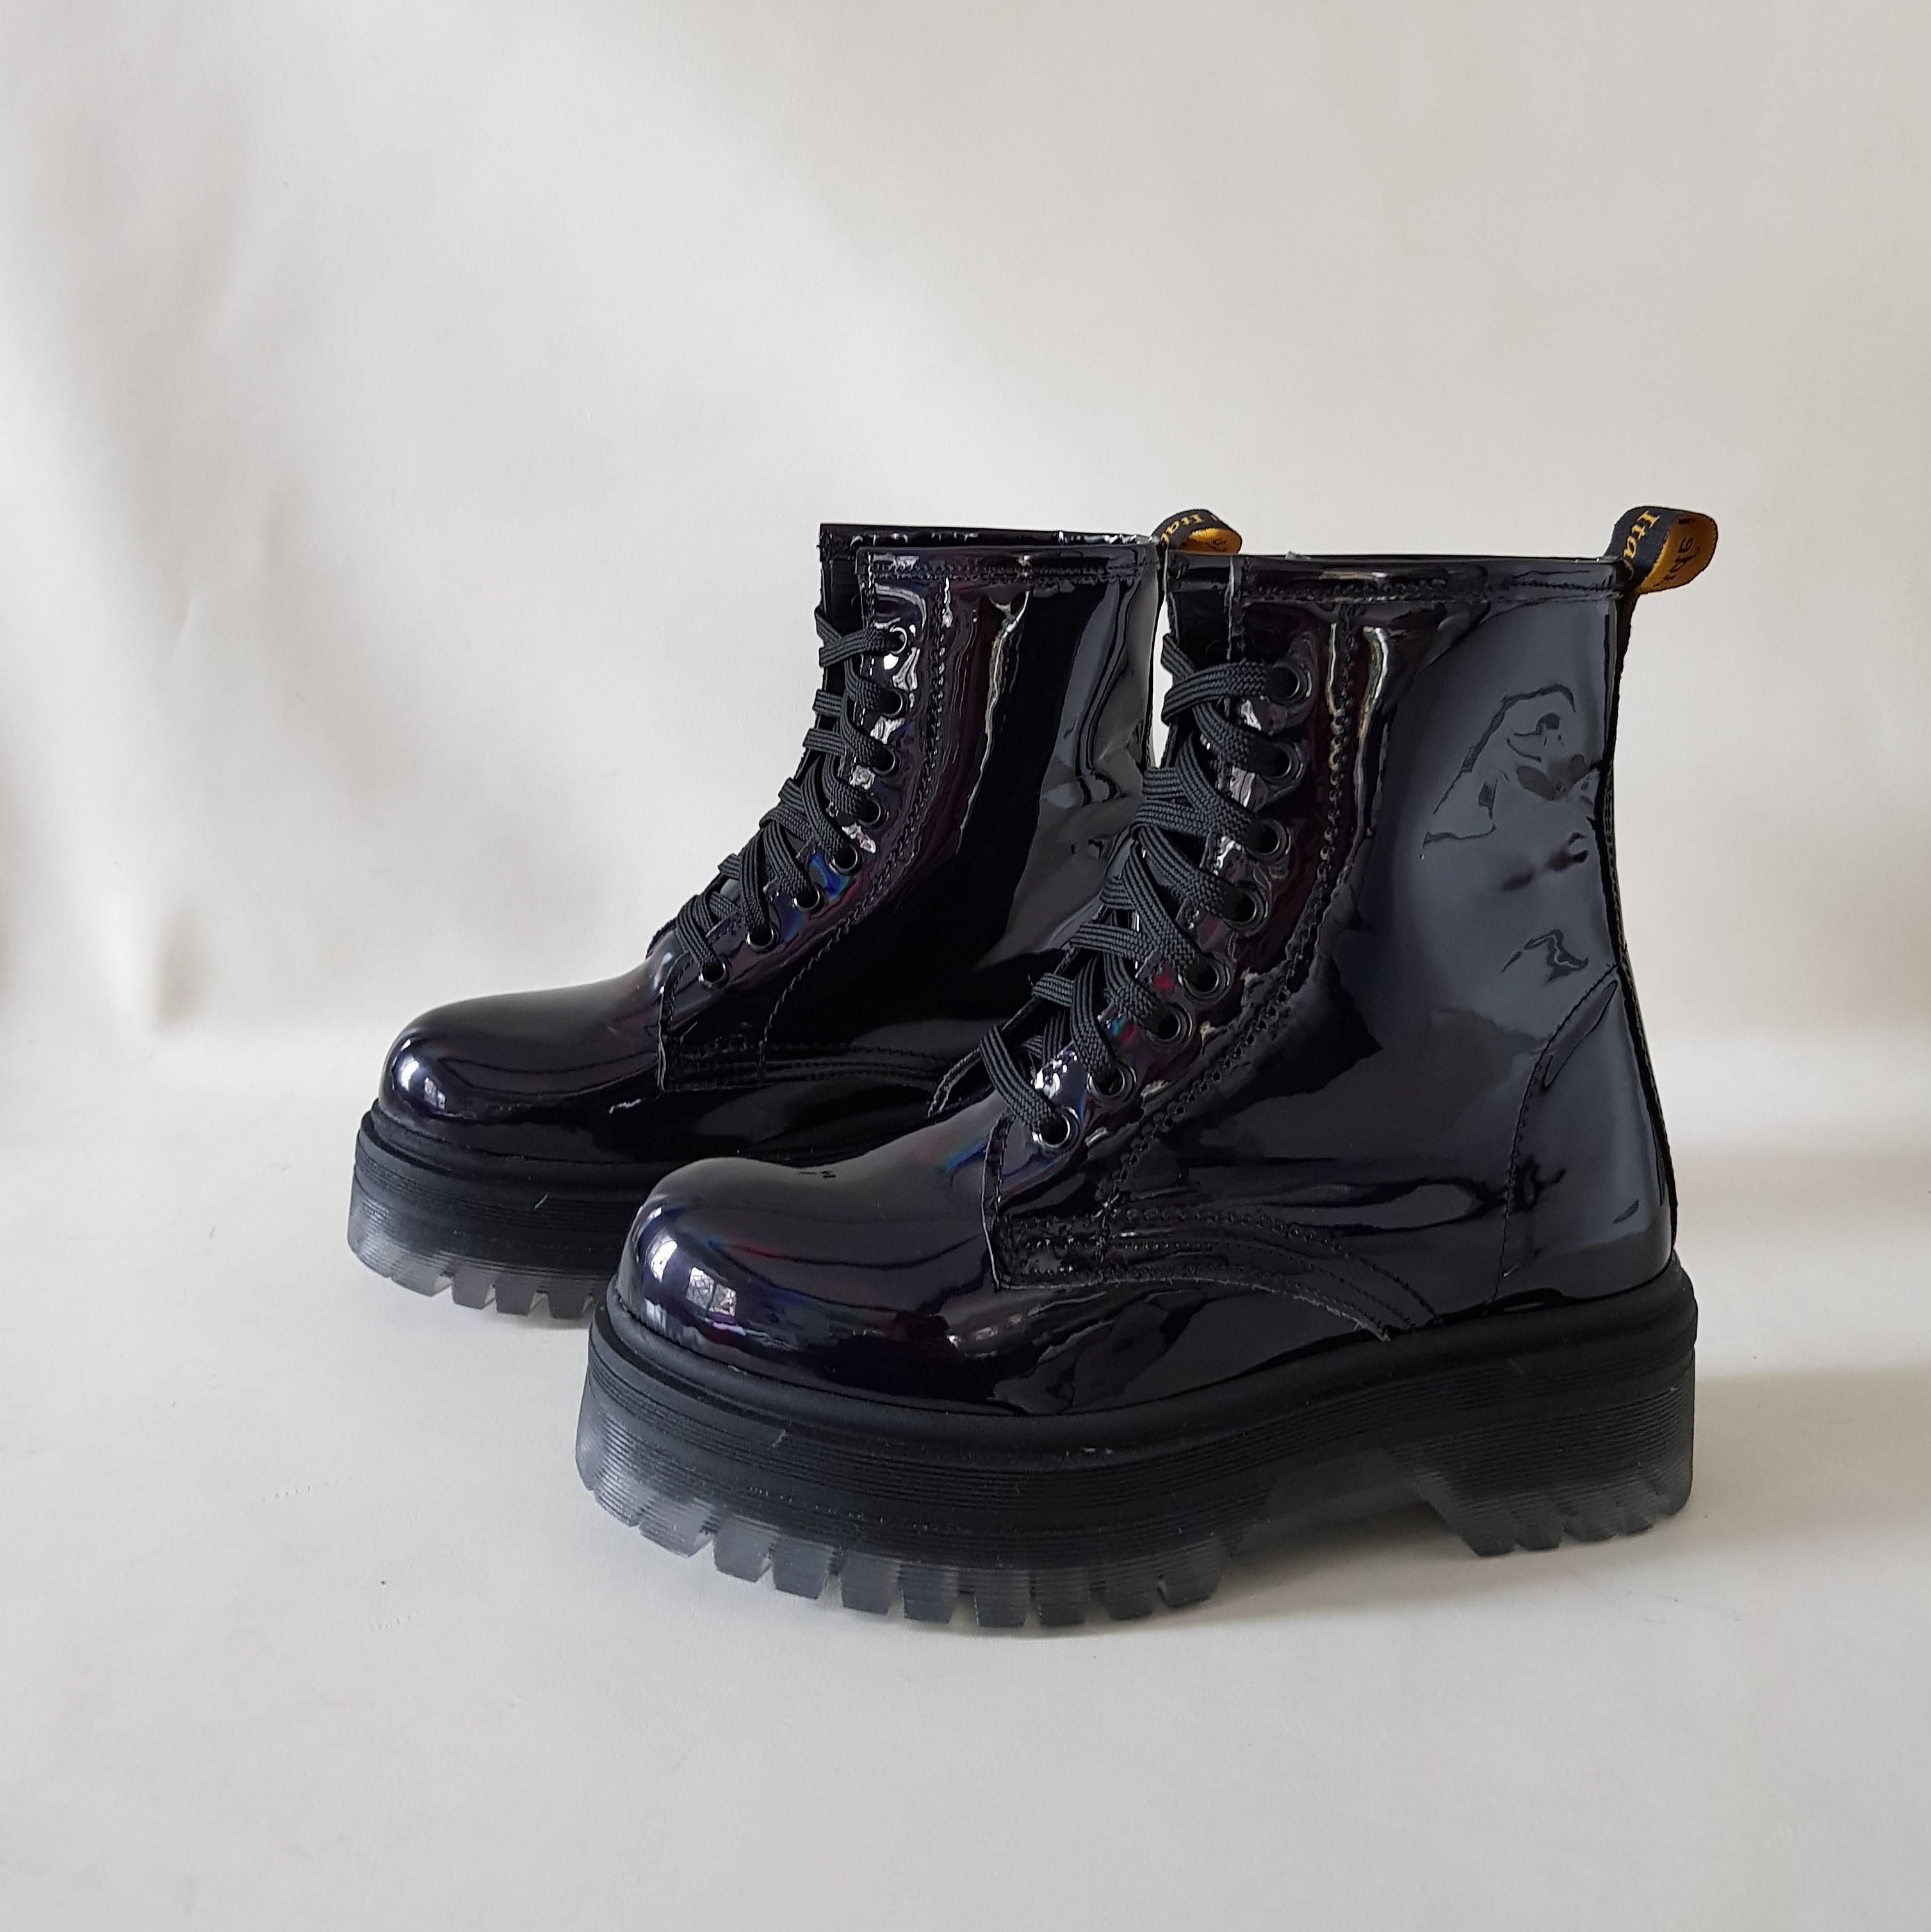 Stivaletti lacci vernice nero oxford - Lia diva scarpe ...